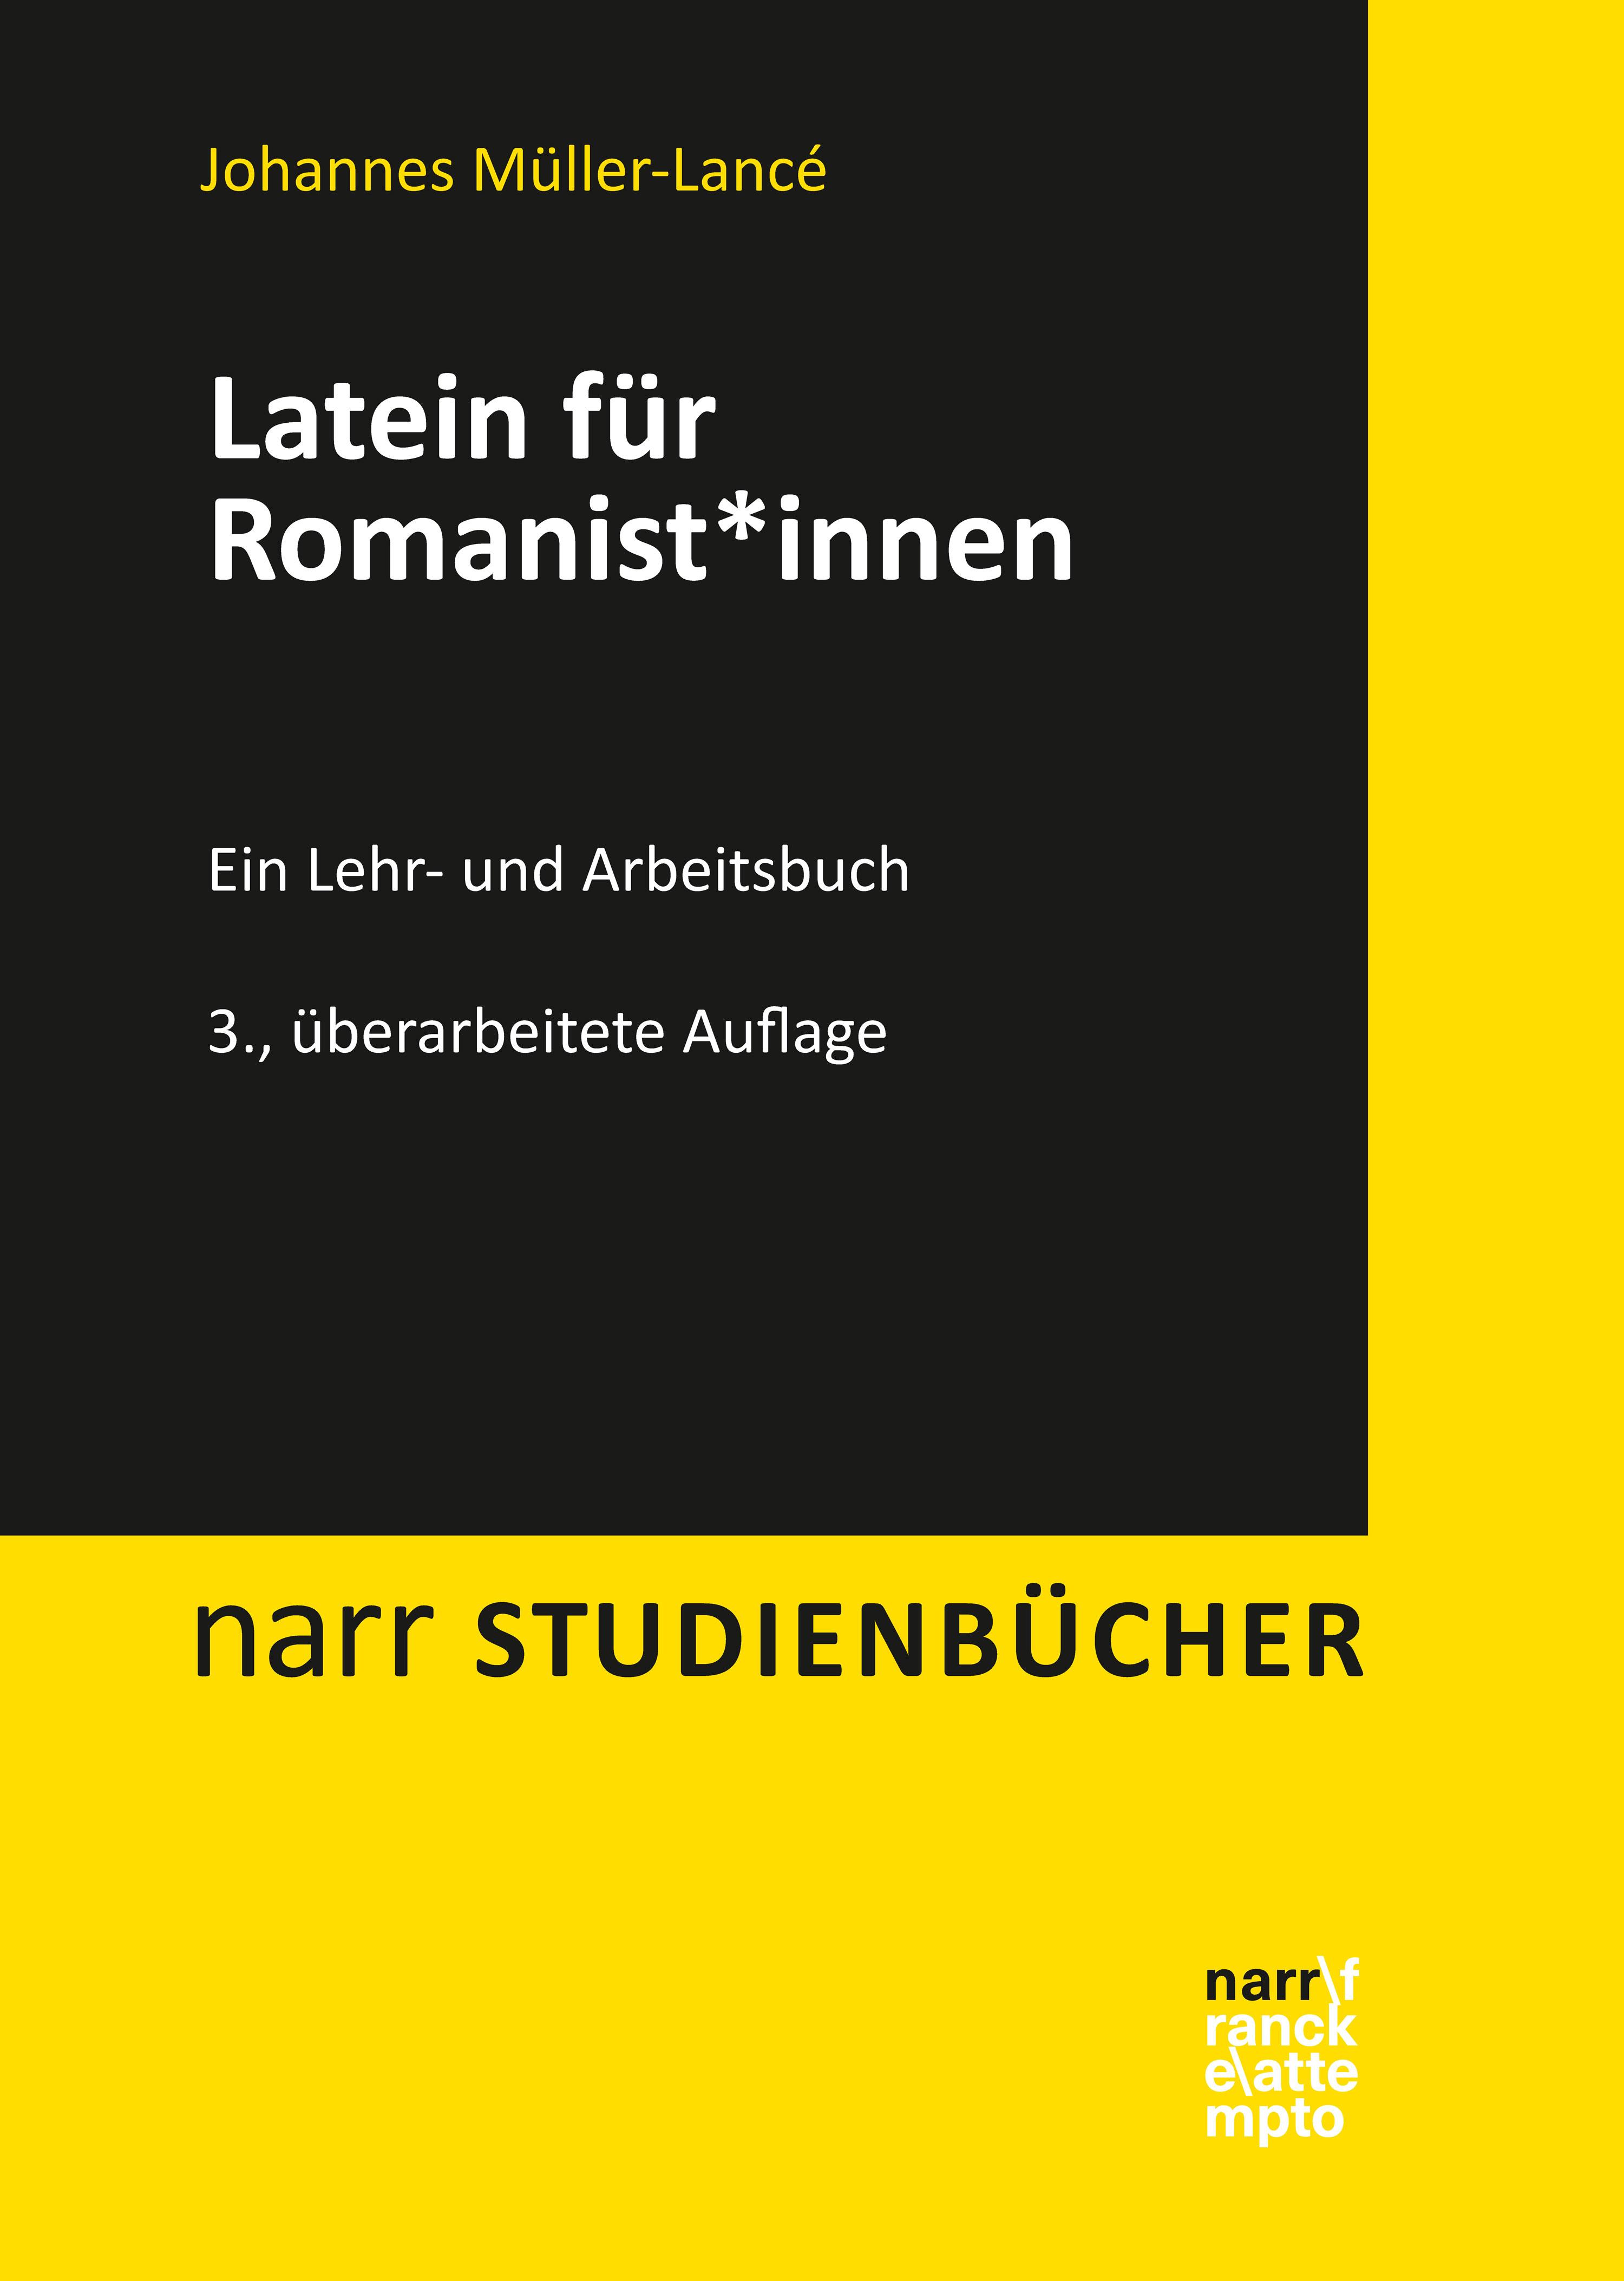 Johannes Müller-Lancé Latein für Romanist*innen paul kortz zeitschrift des osterreichischen ingenieur und architekten vereines 1900 vol 52 classic reprint